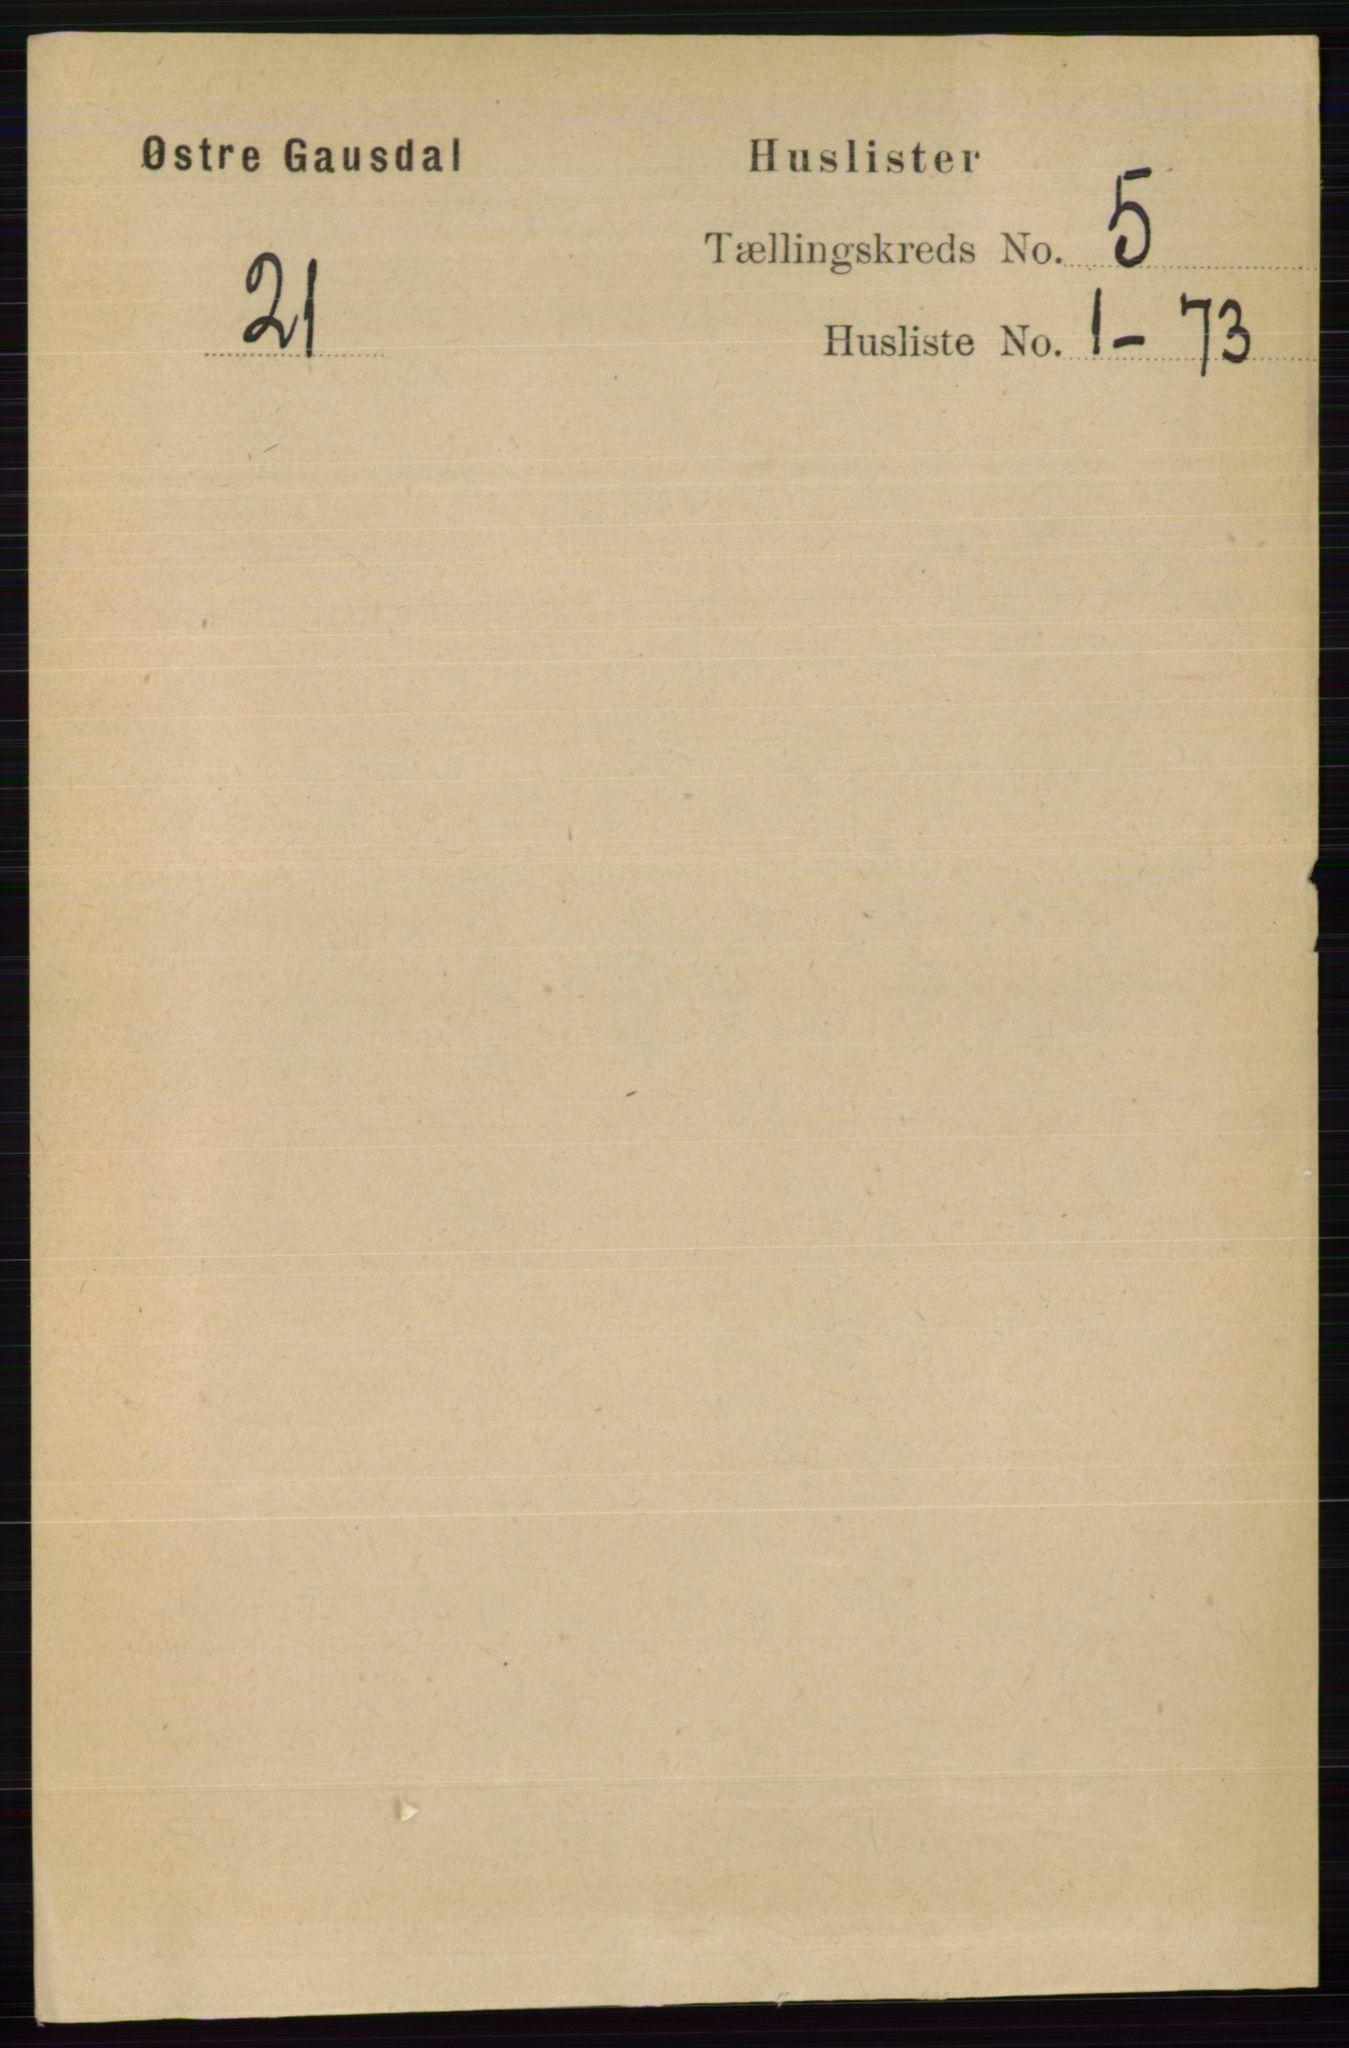 RA, Folketelling 1891 for 0522 Østre Gausdal herred, 1891, s. 2915